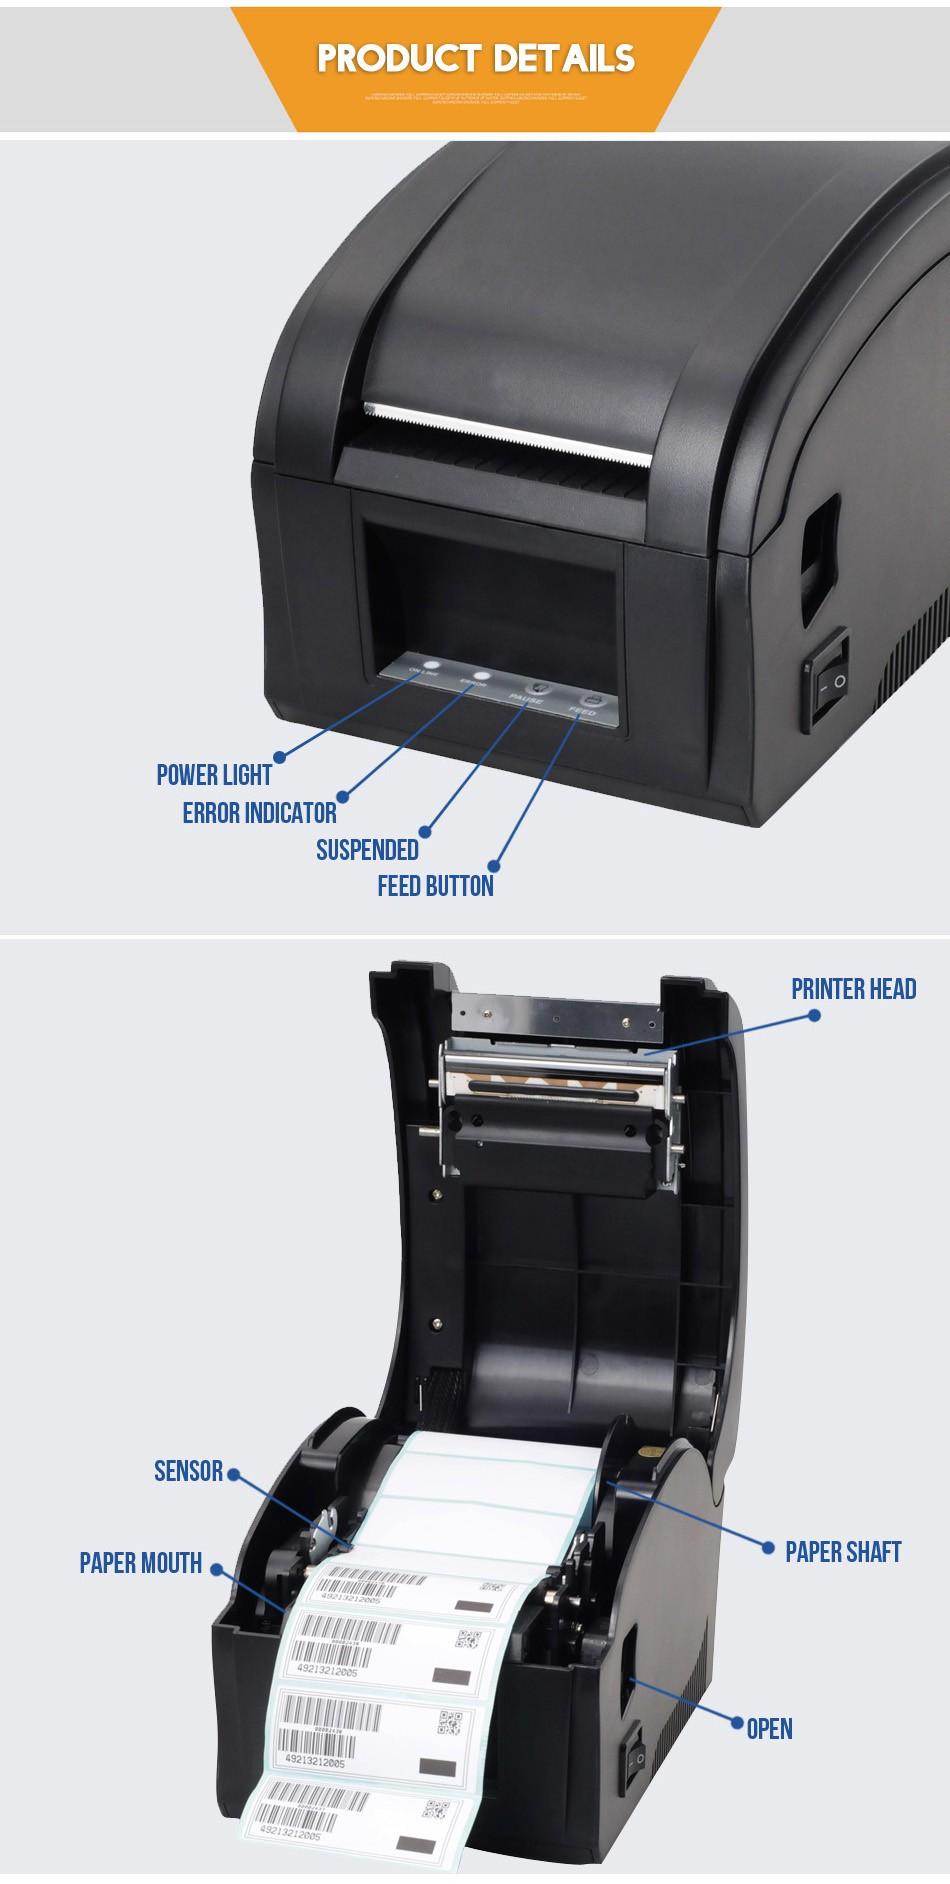 XP360B-950-2